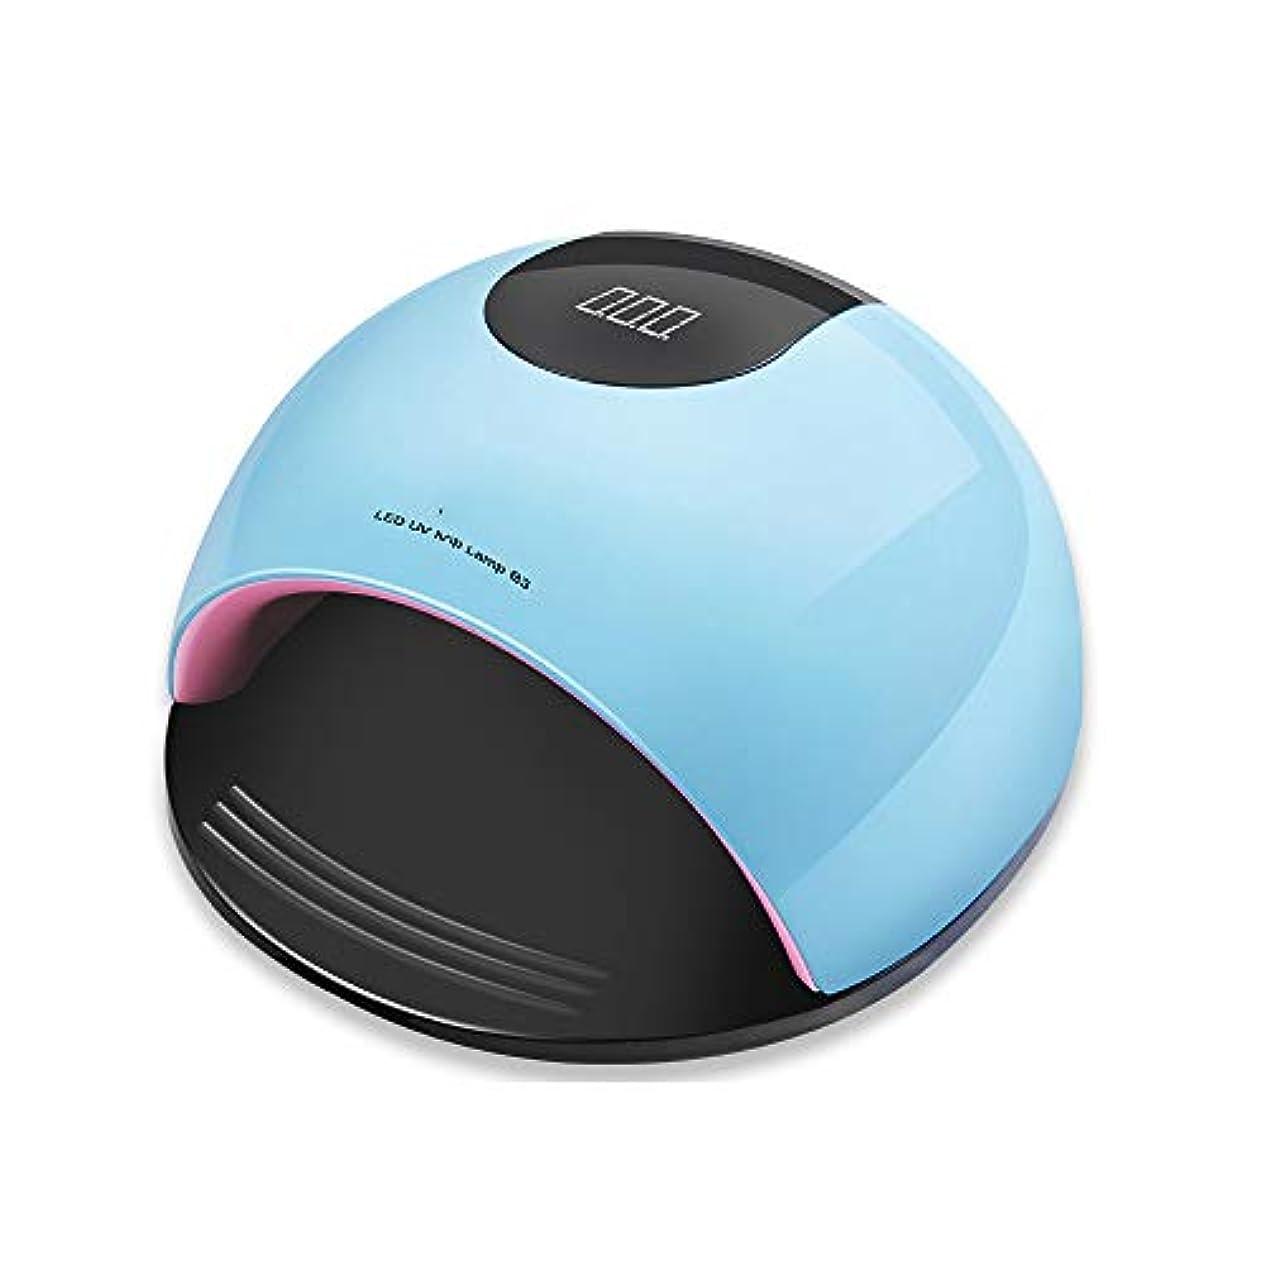 マーカー祭司味付け80ワットハイパワーネイル光線療法機は軽い高速乾燥赤外線誘導ネイルベーキング,ブルー